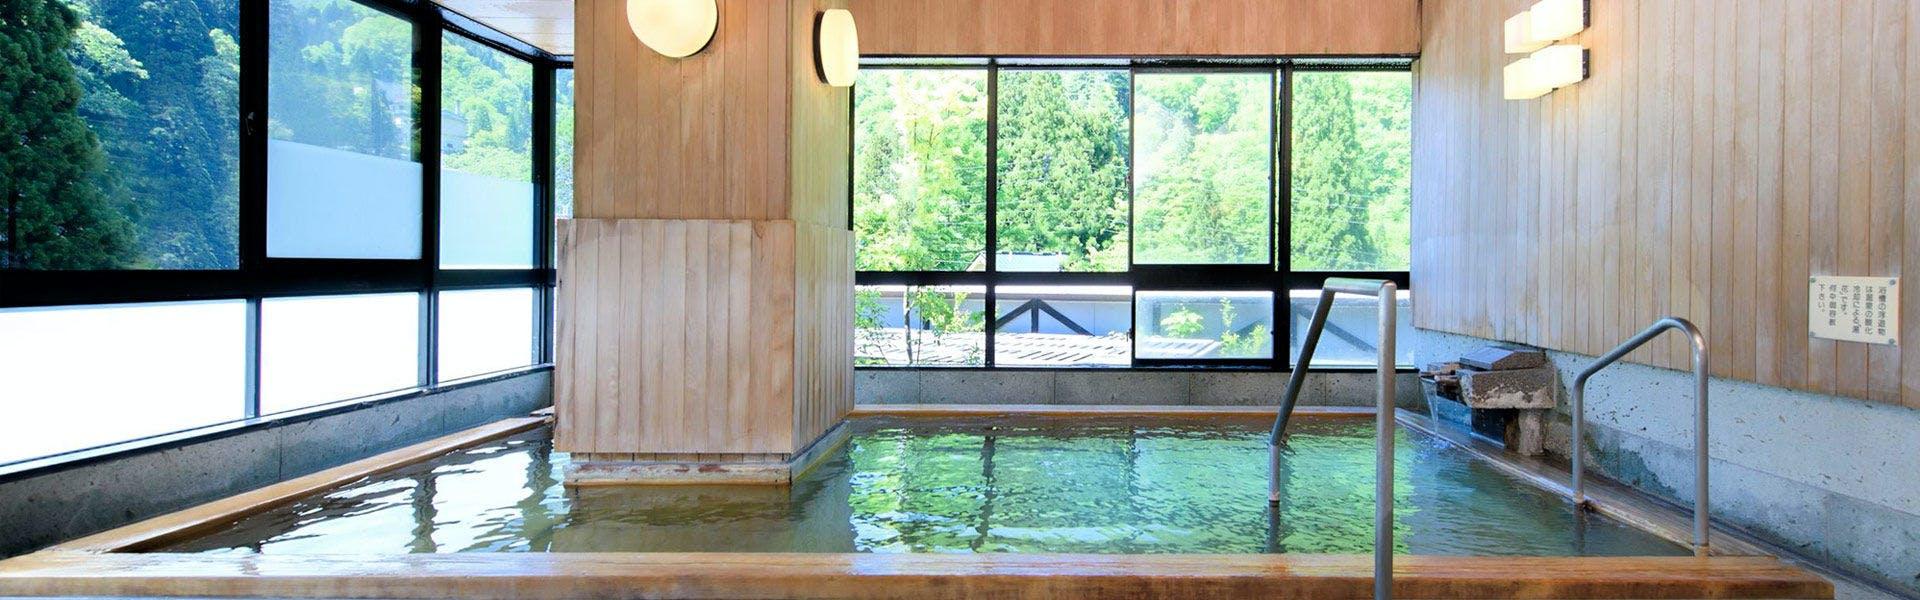 記念日におすすめのホテル・【別邸 山の季】の写真1